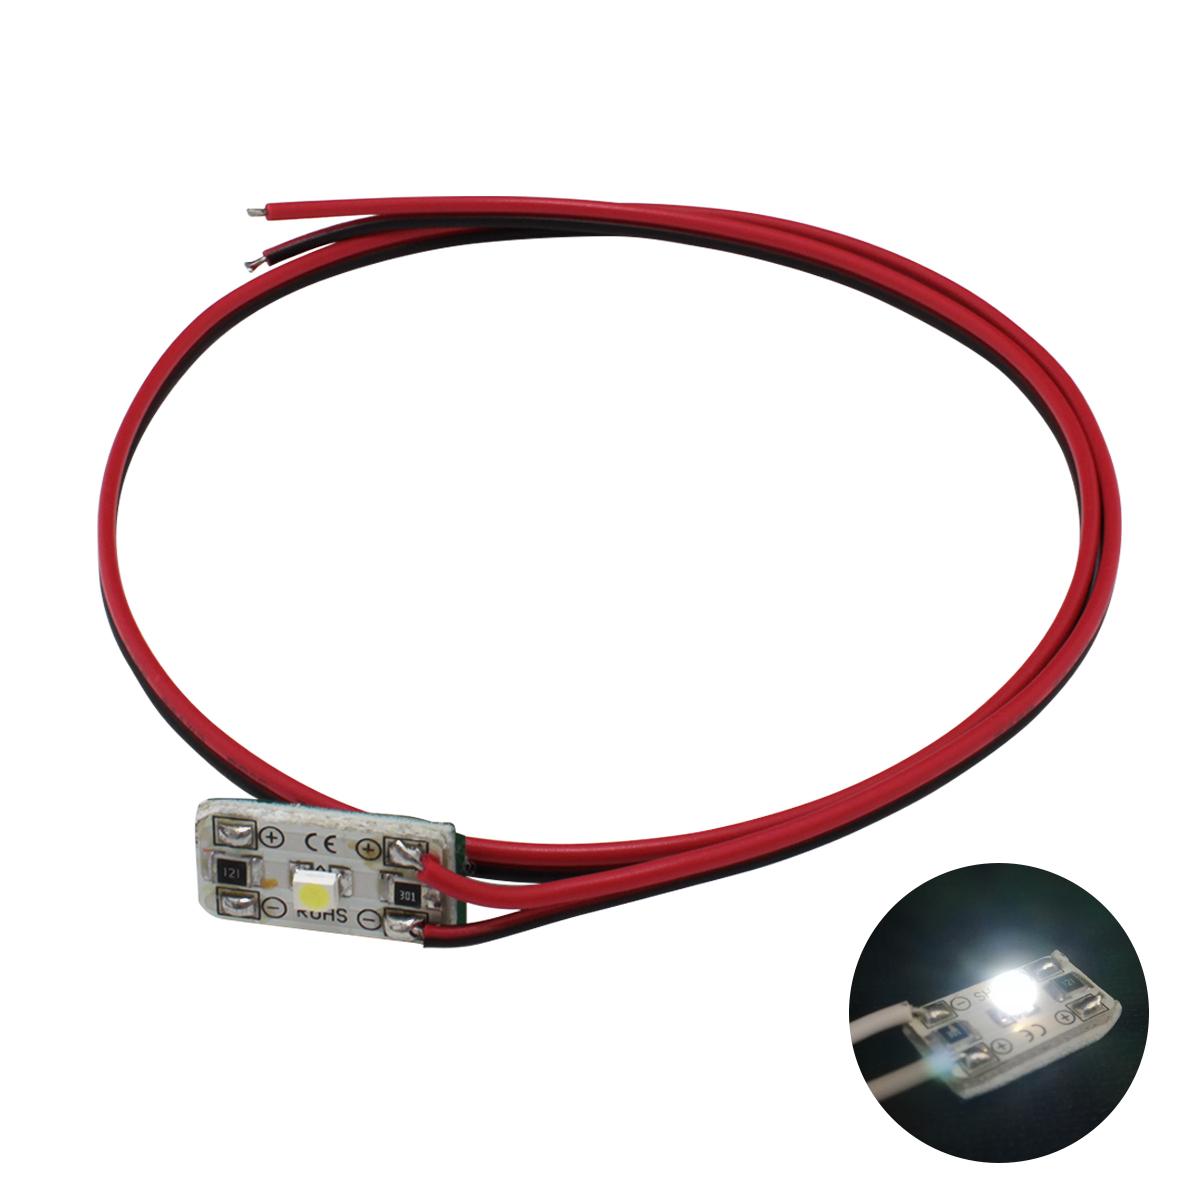 8561[1連×2個] 非防水 小型 高輝度 1LEDモジュール 白 12V 2835 単体 (1cm×2cm) ケーブル50cm